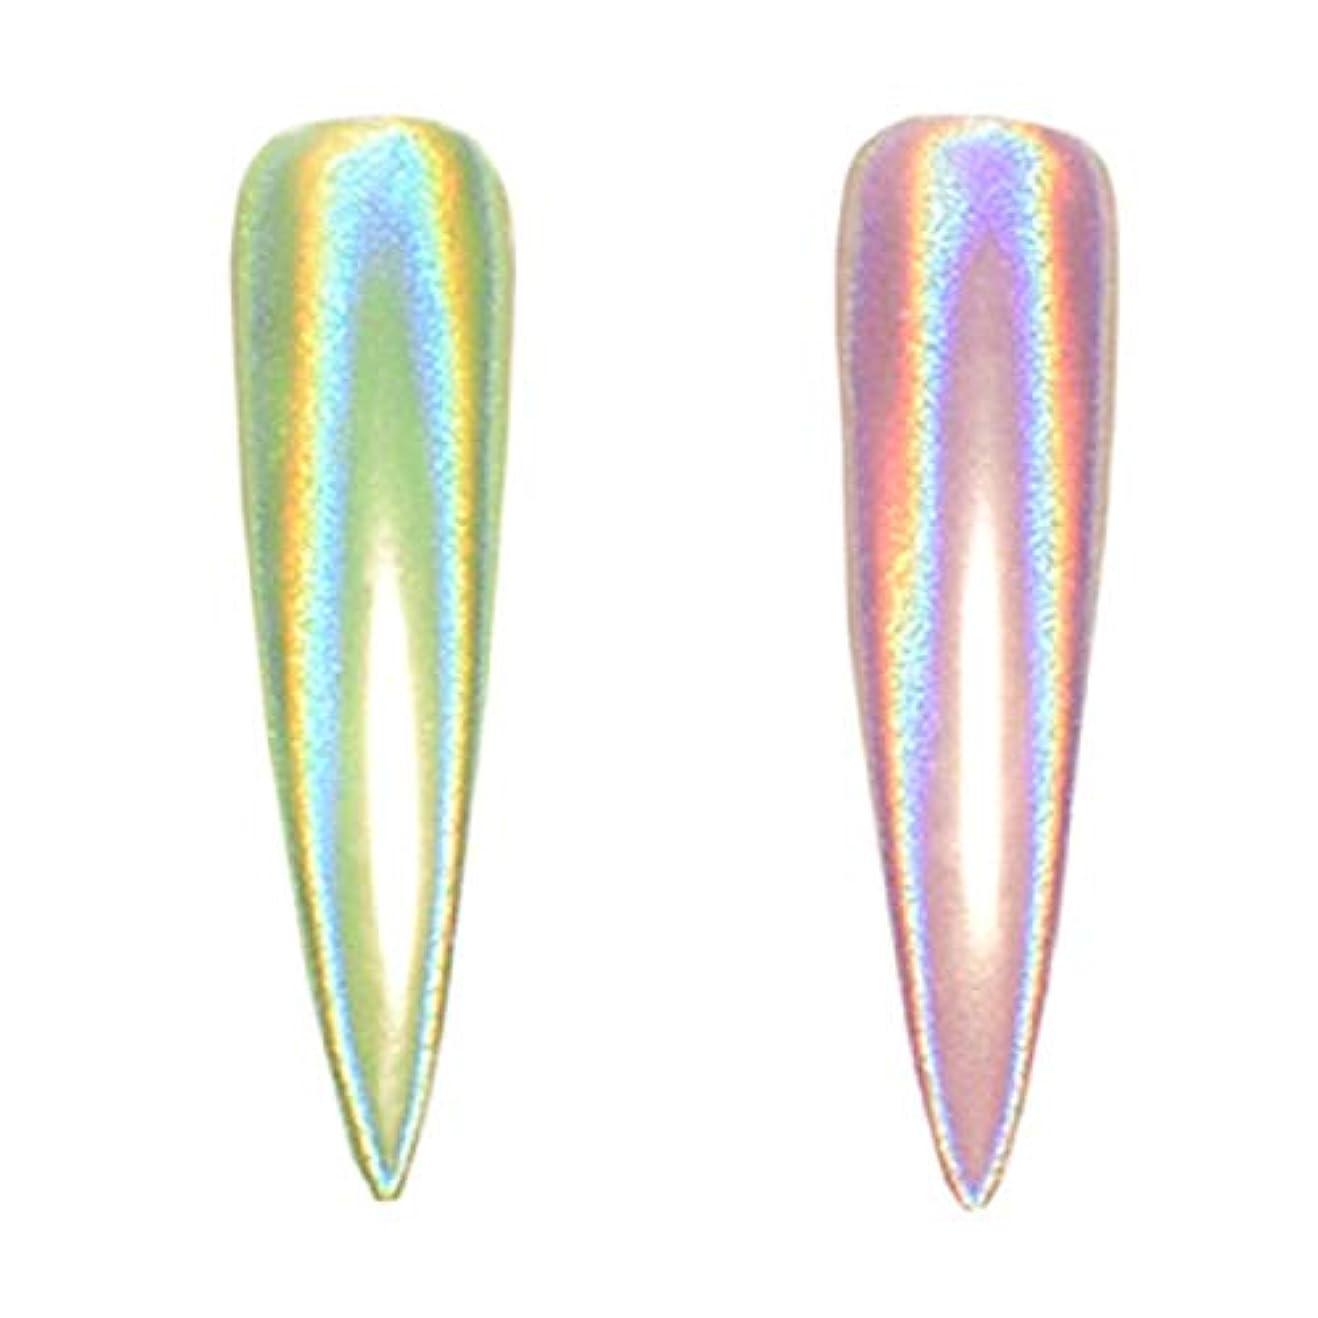 灰百万重要性Quzama-JS 甘い1 pcカラフルネオンユニコーンミラーパウダーネイルアートマーメイドフラッシュ(None 1)